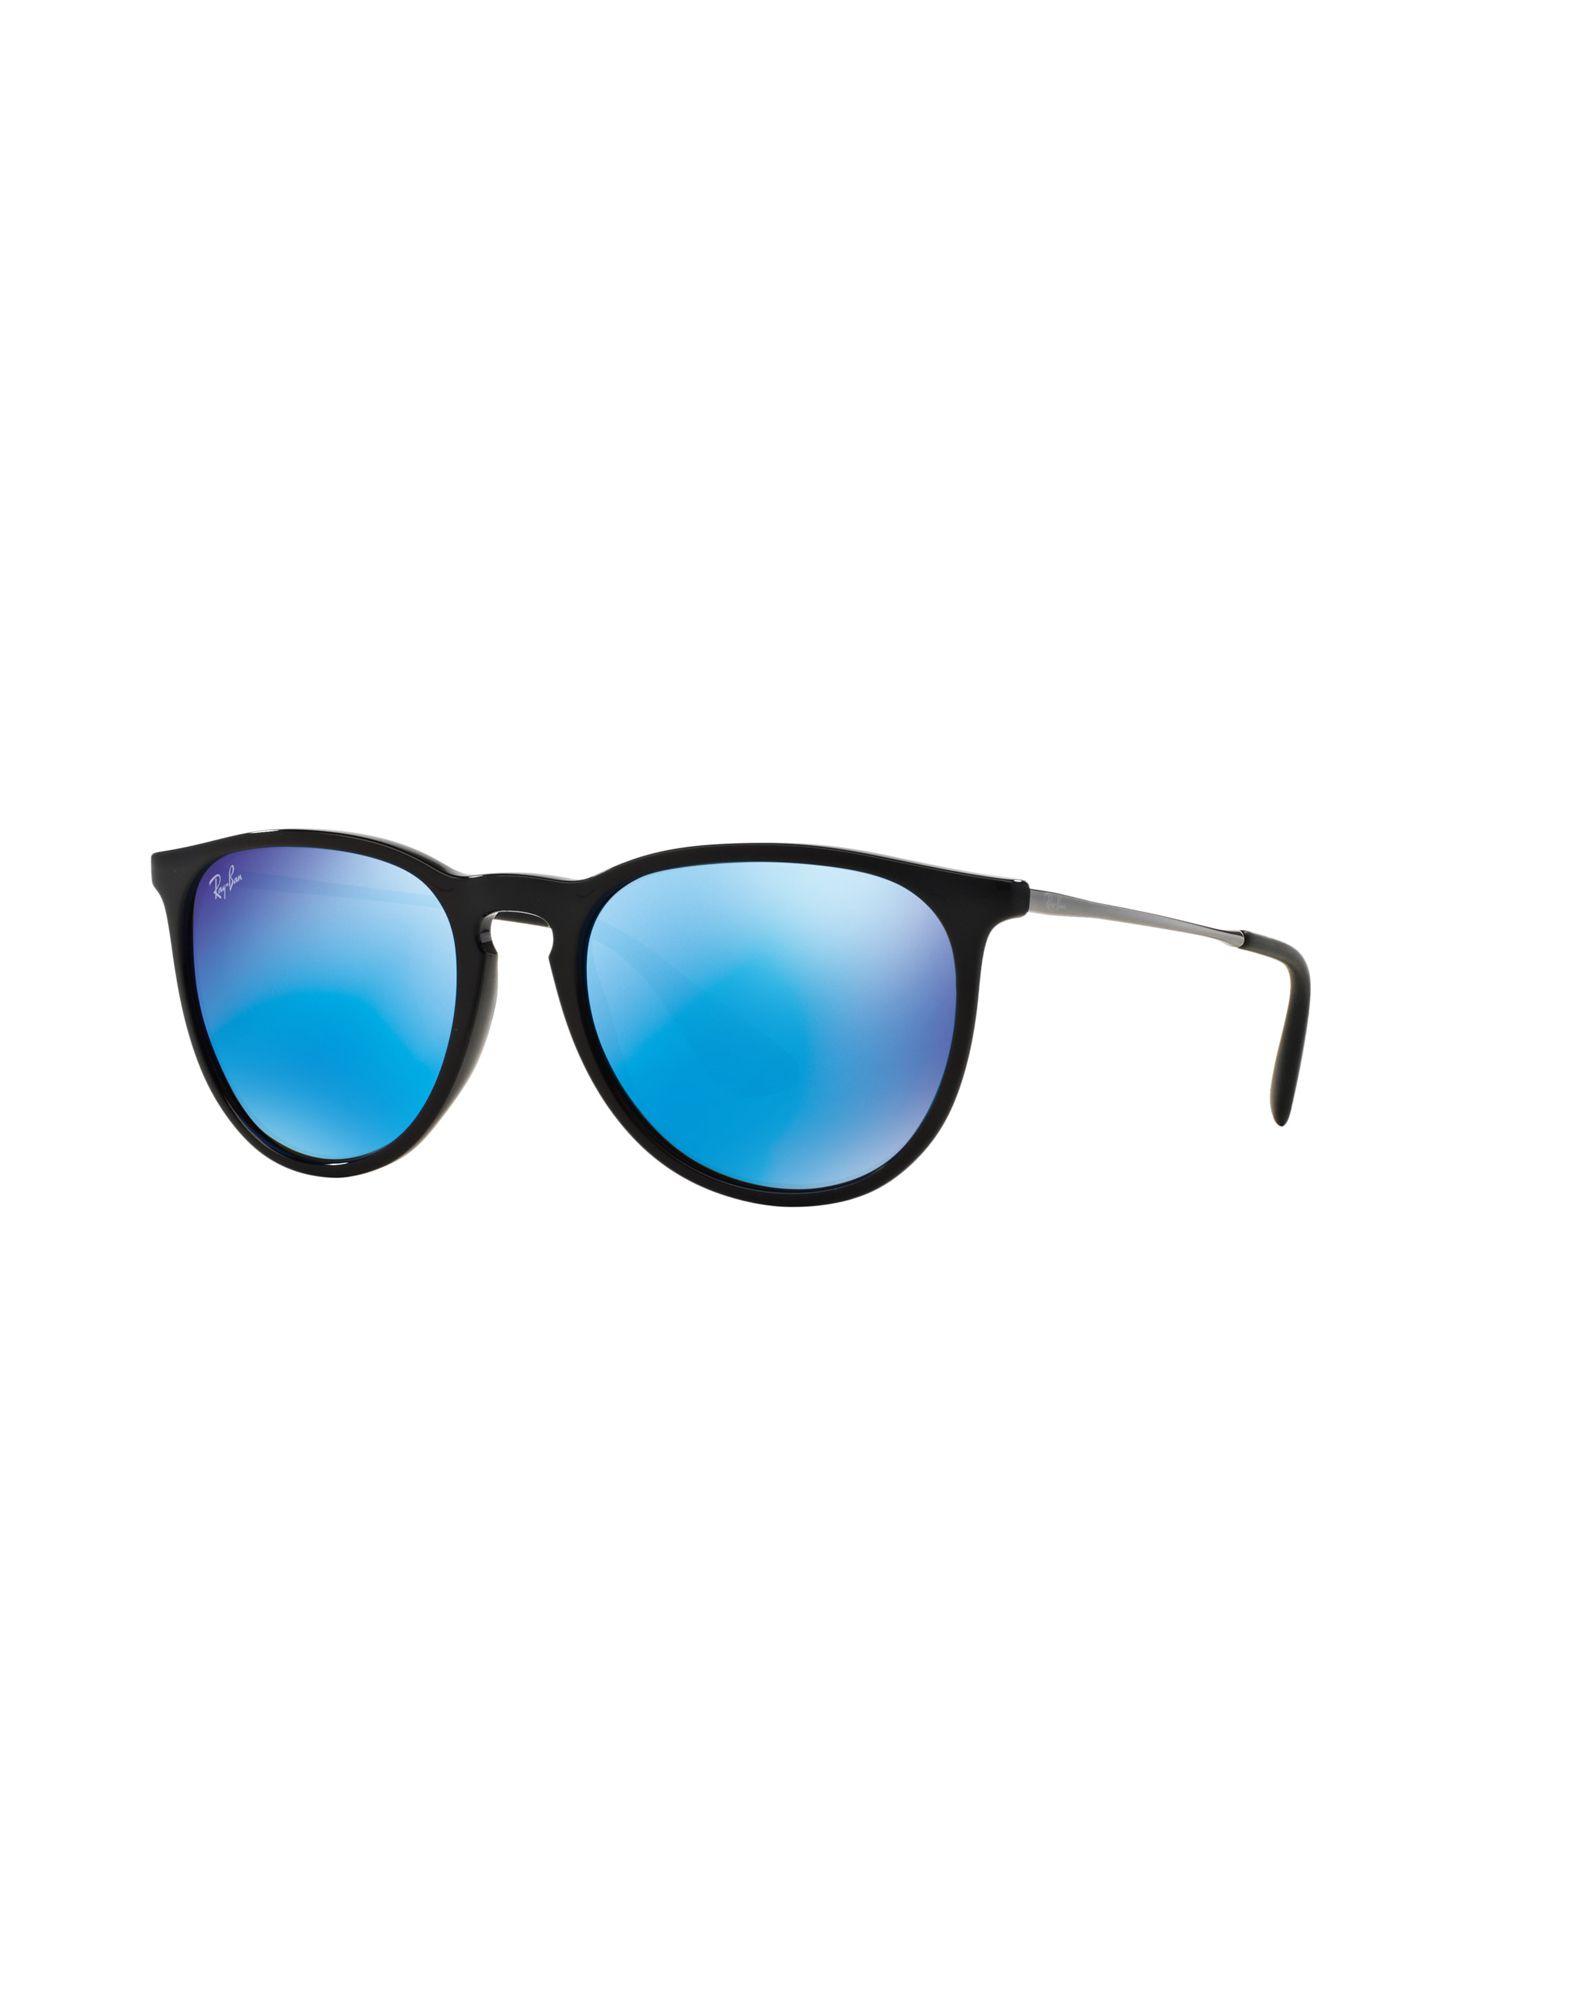 Occhiali Da Sole Ray-Ban Rb4171 Erika - Uomo - Acquista online su